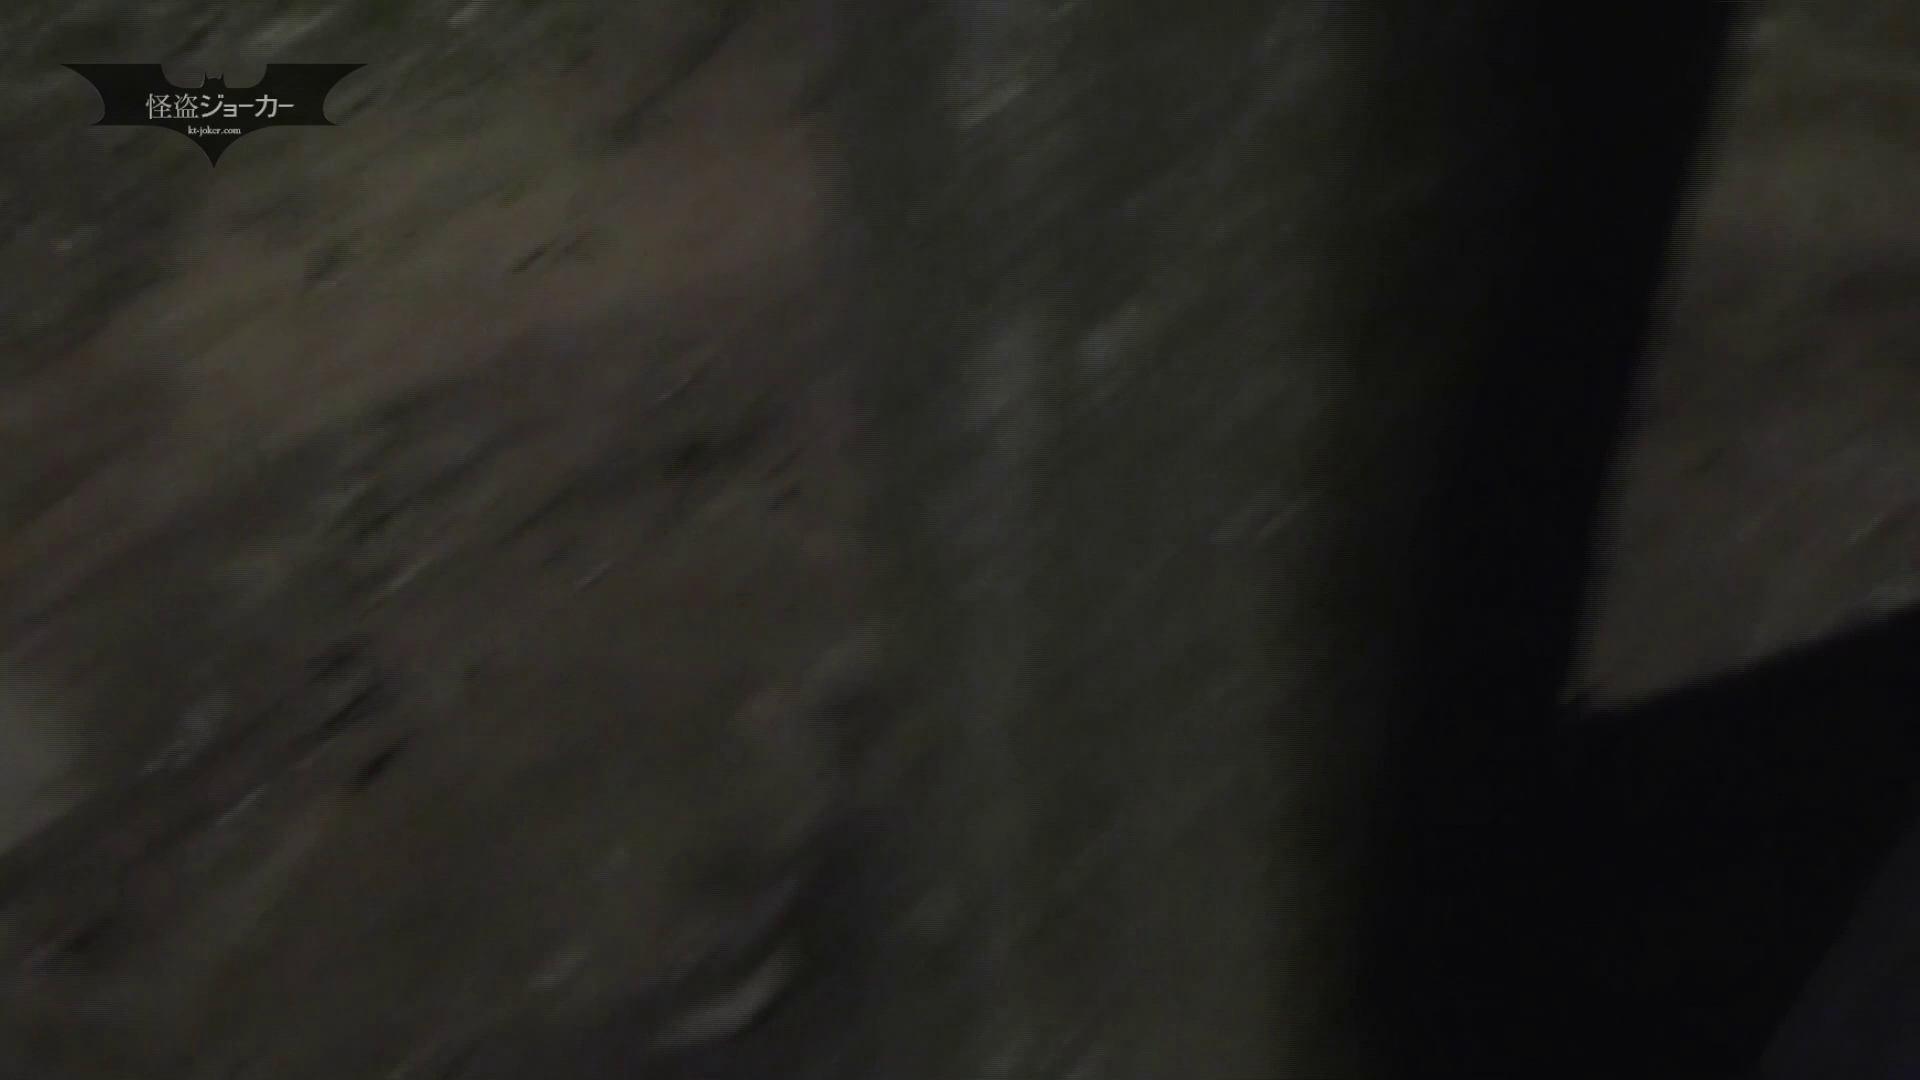 ヒトニアラヅNo.10 雪の様な白い肌 美肌 おまんこ動画流出 108画像 4